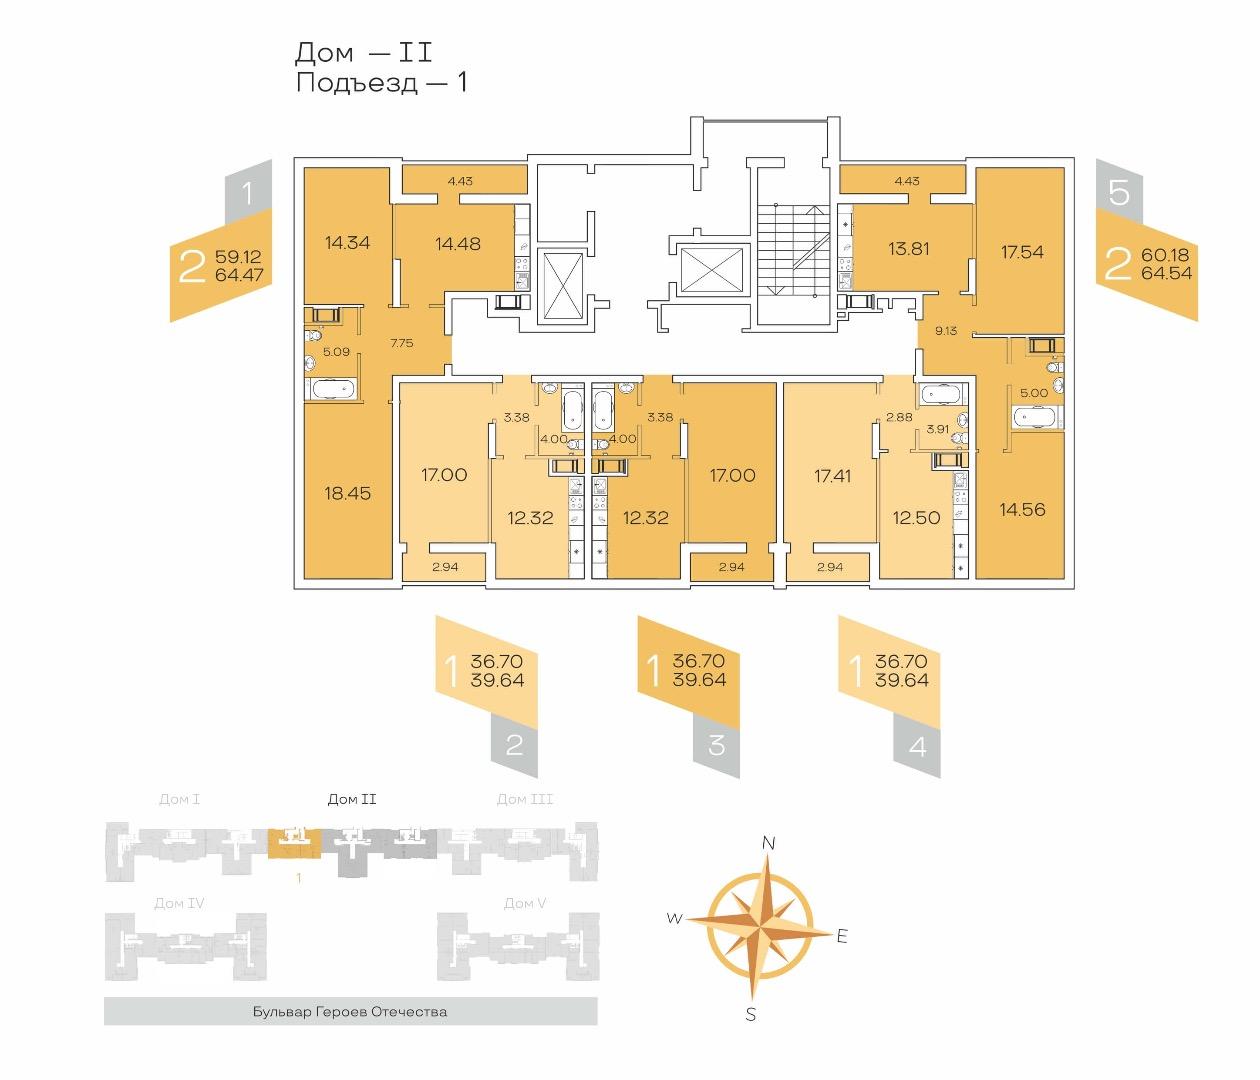 Продам 1-комнатную квартиру в городе Саратов, на улице Топольчанская,  2, 3-этаж 25-этажного монолит дома, площадь: 39.64/17/12.5 м2